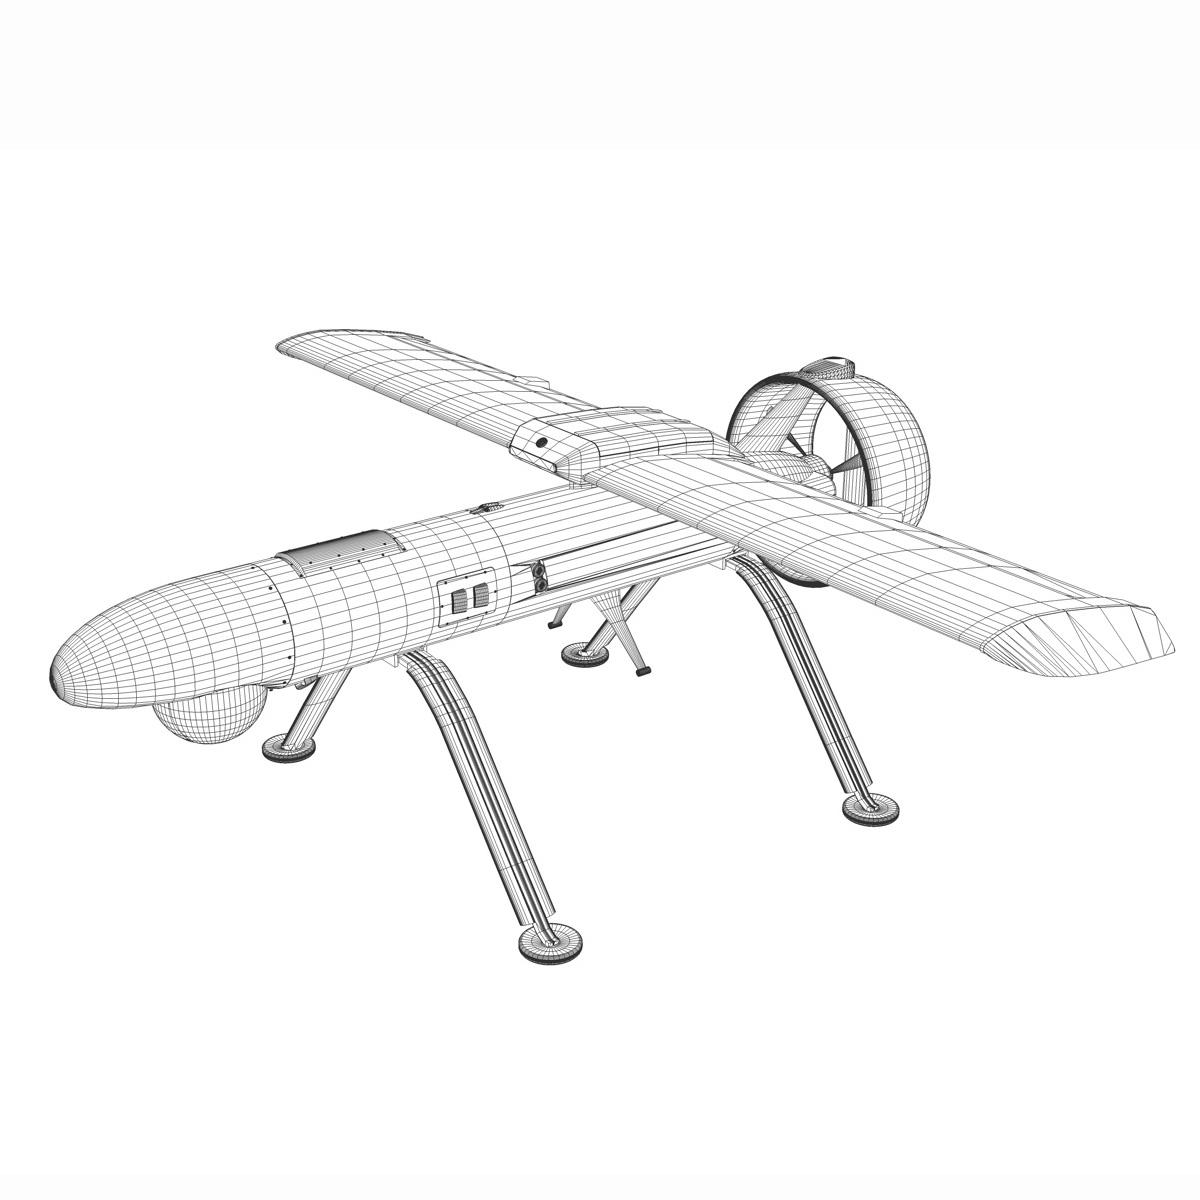 pchela 1t drone orosz uav 3d modell 3ds fbx c4d lwo obj 188469